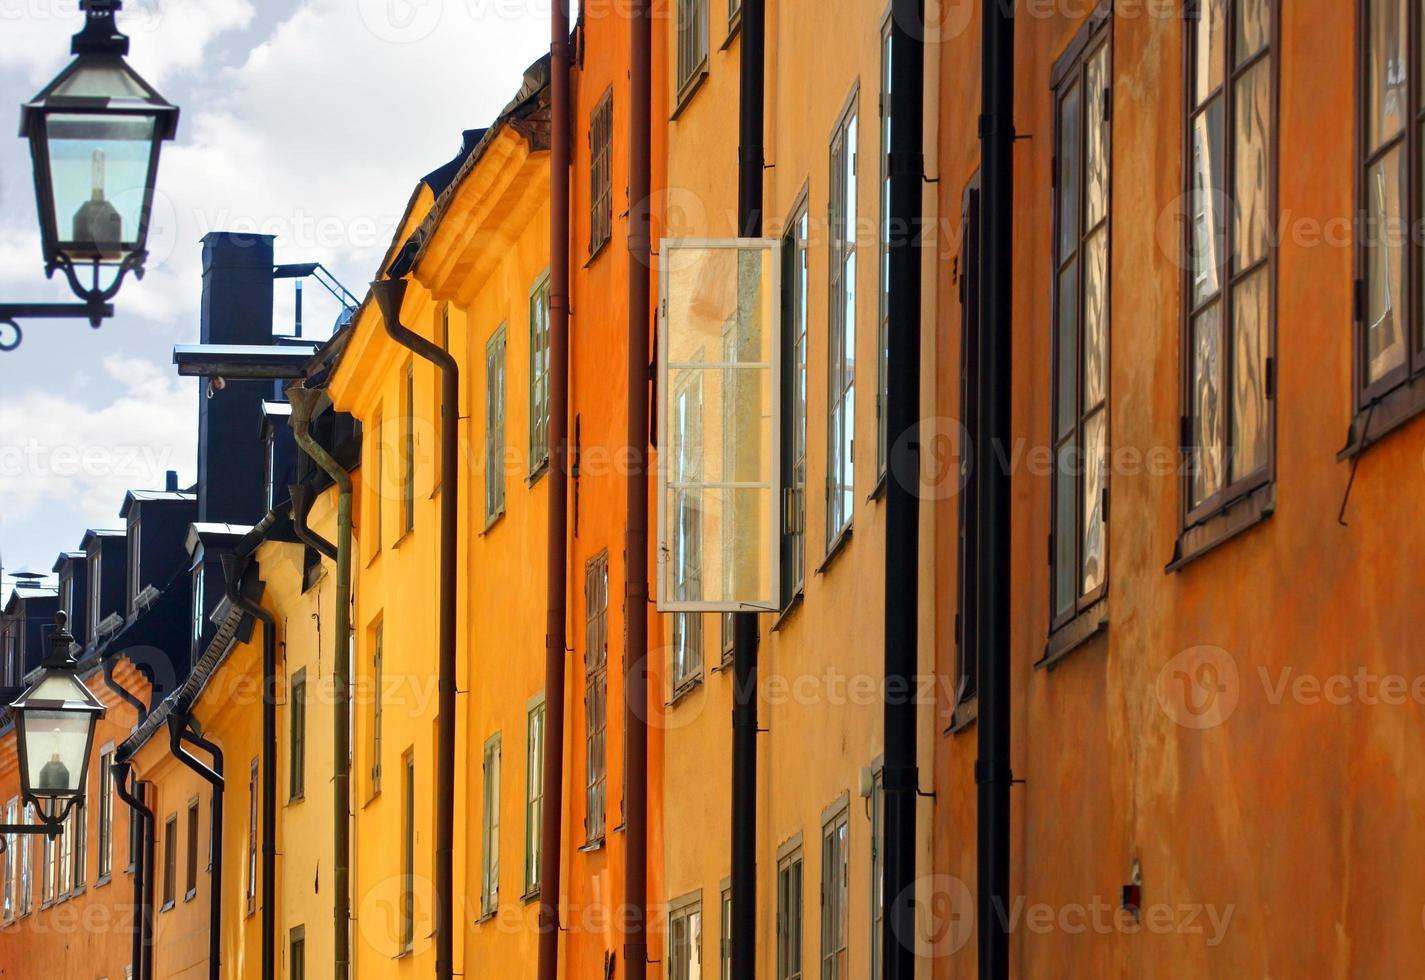 Stockholmer Stadt foto